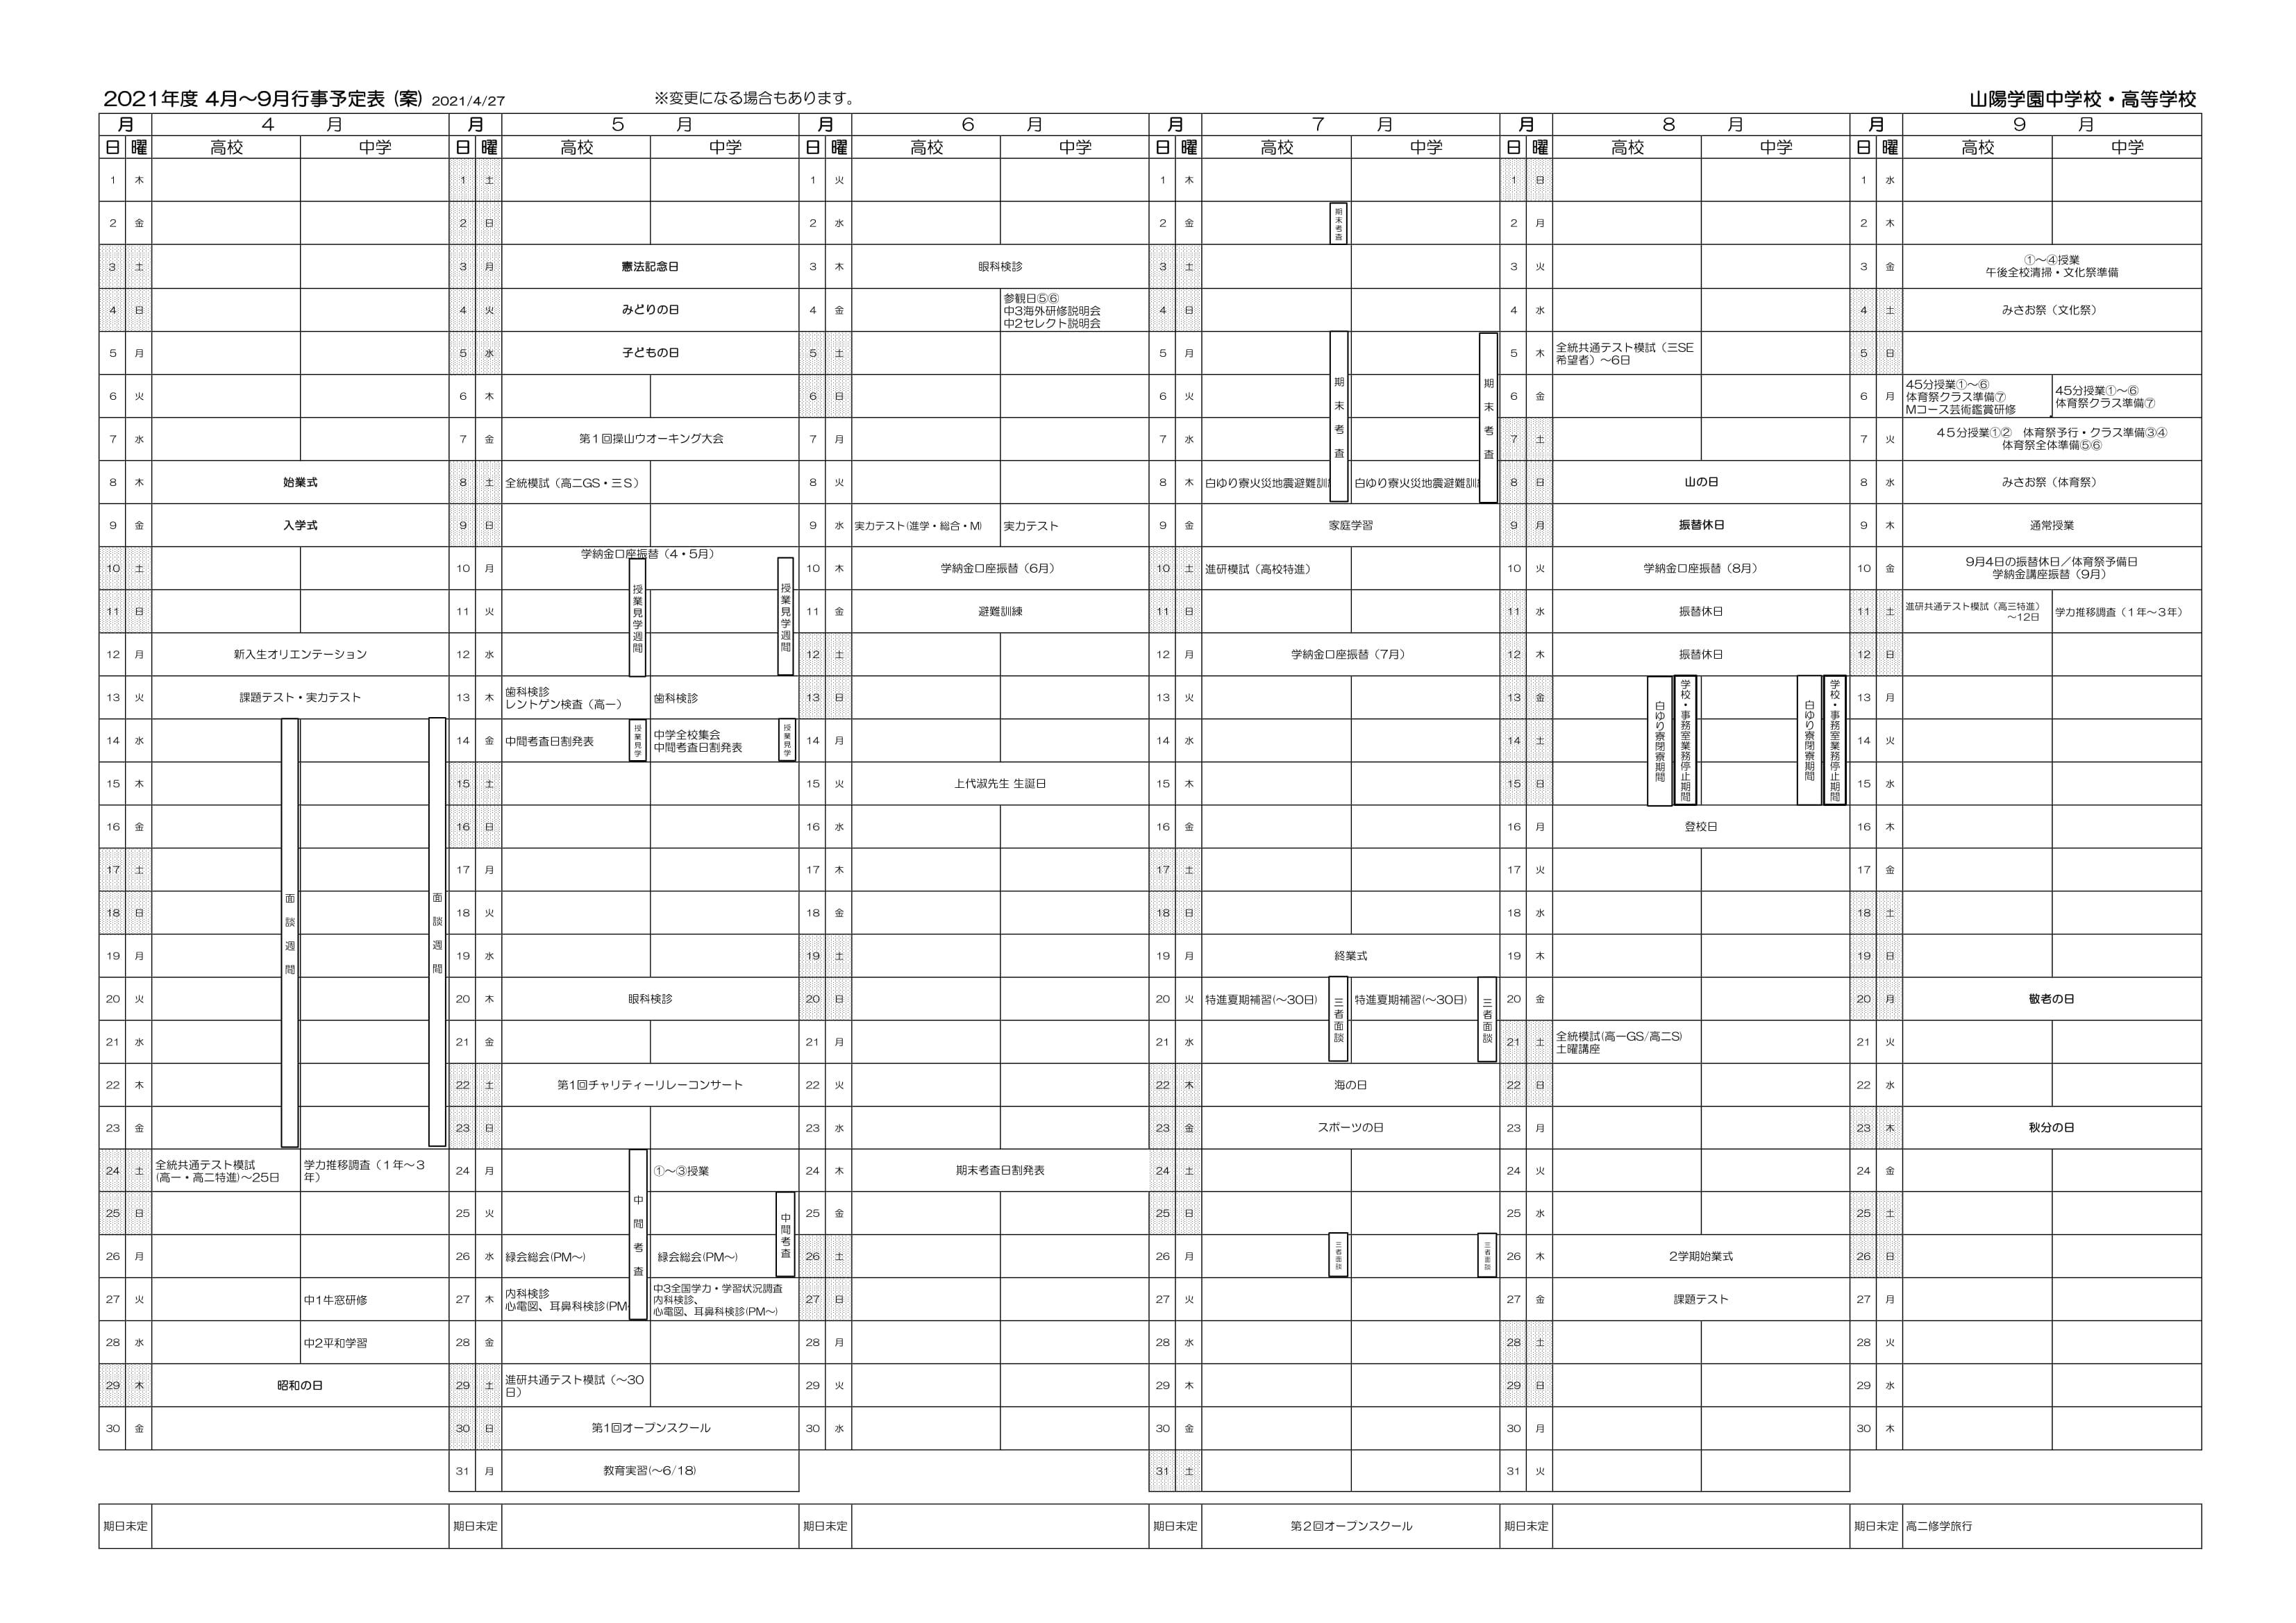 令和3年度年間行事予定表(4-9月)